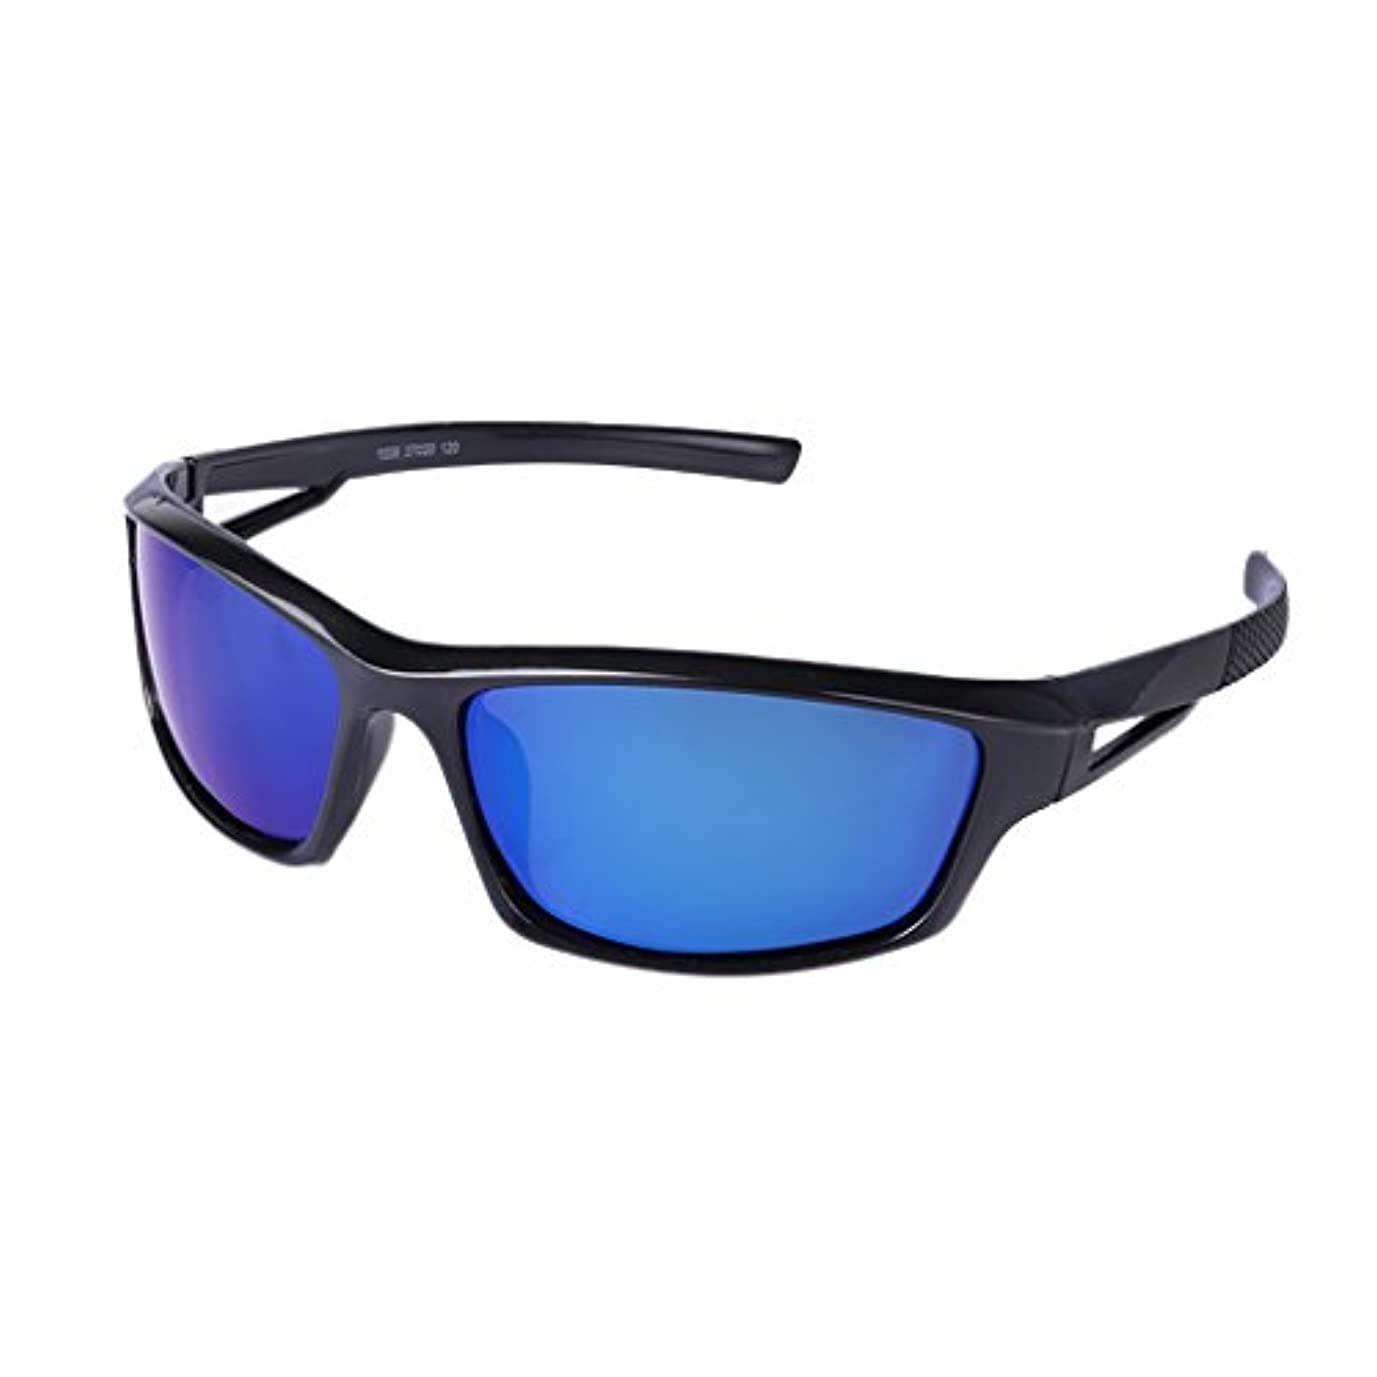 眉アウトドア換気するManyao サイクリングサングラス偏光ゴーグル保護屋外スポーツ釣りメガネ